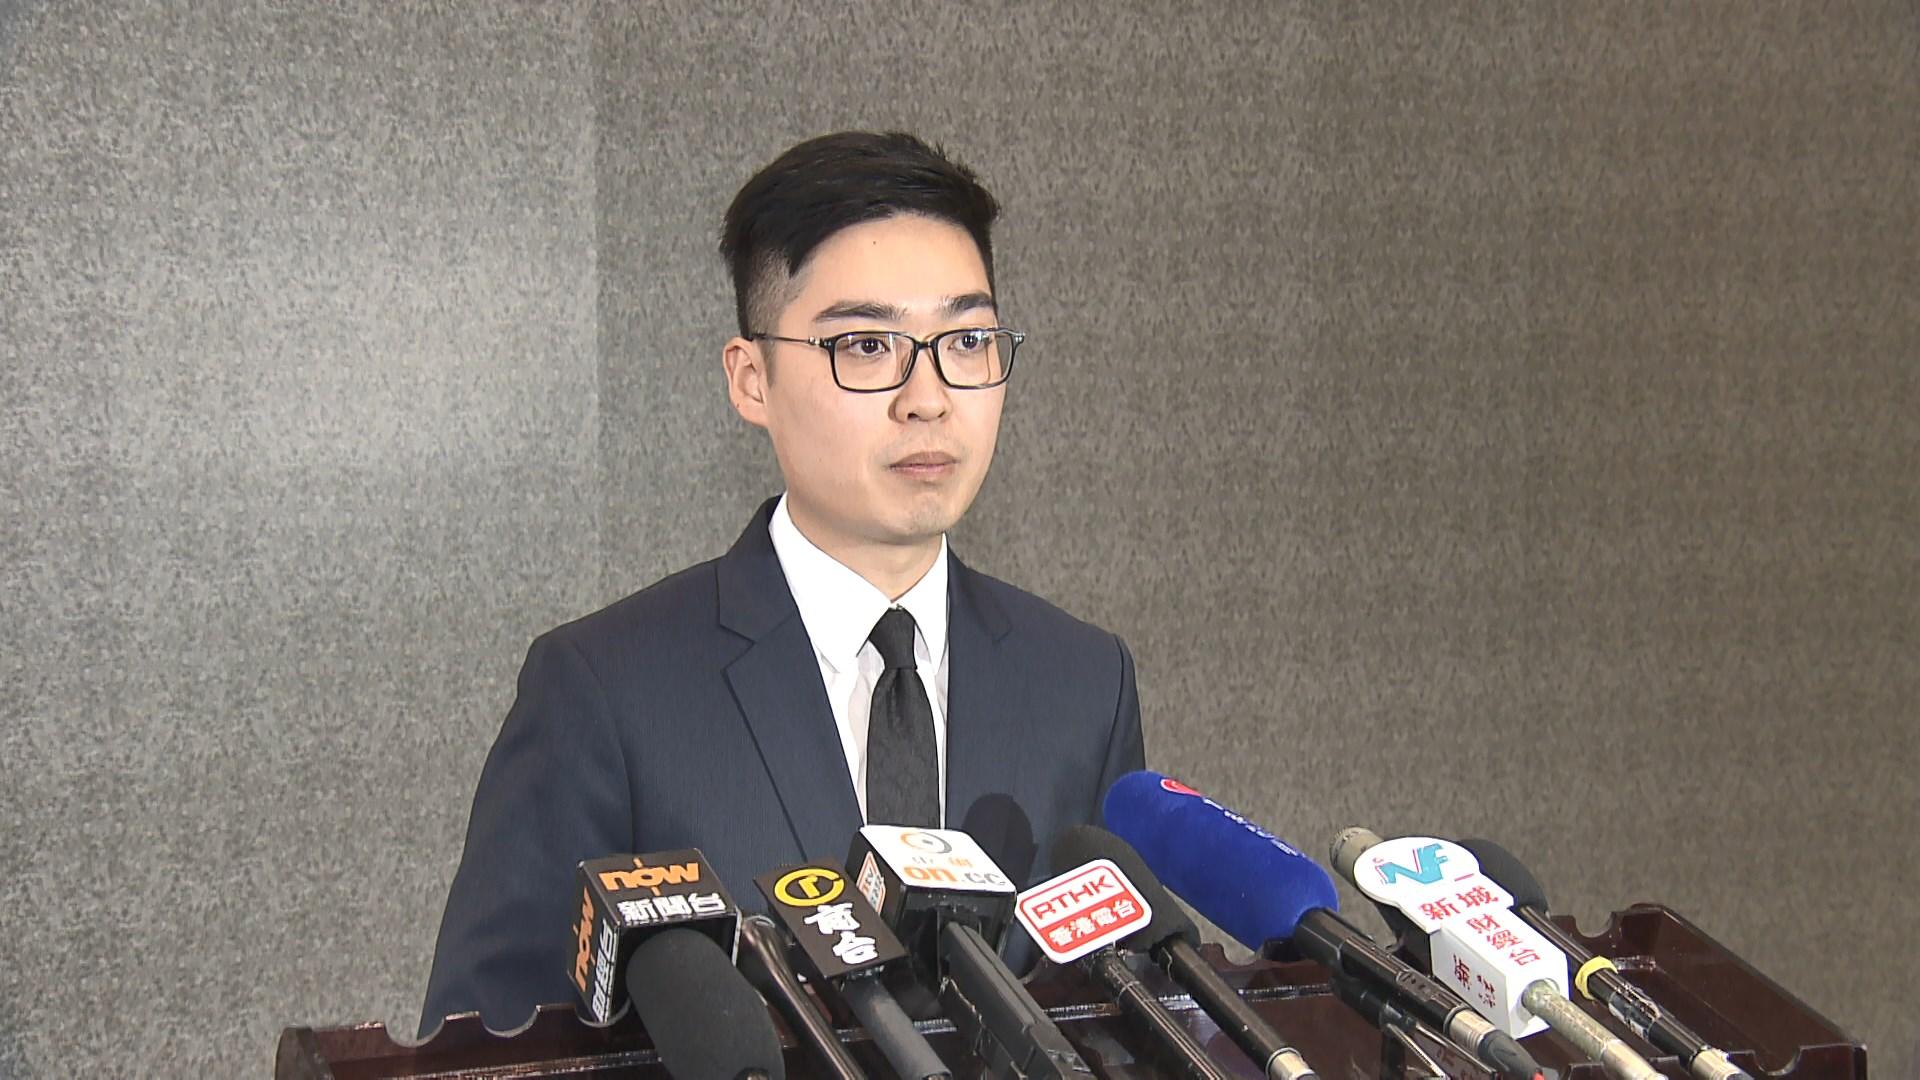 陳浩天:諮詢律師意見後再作決定